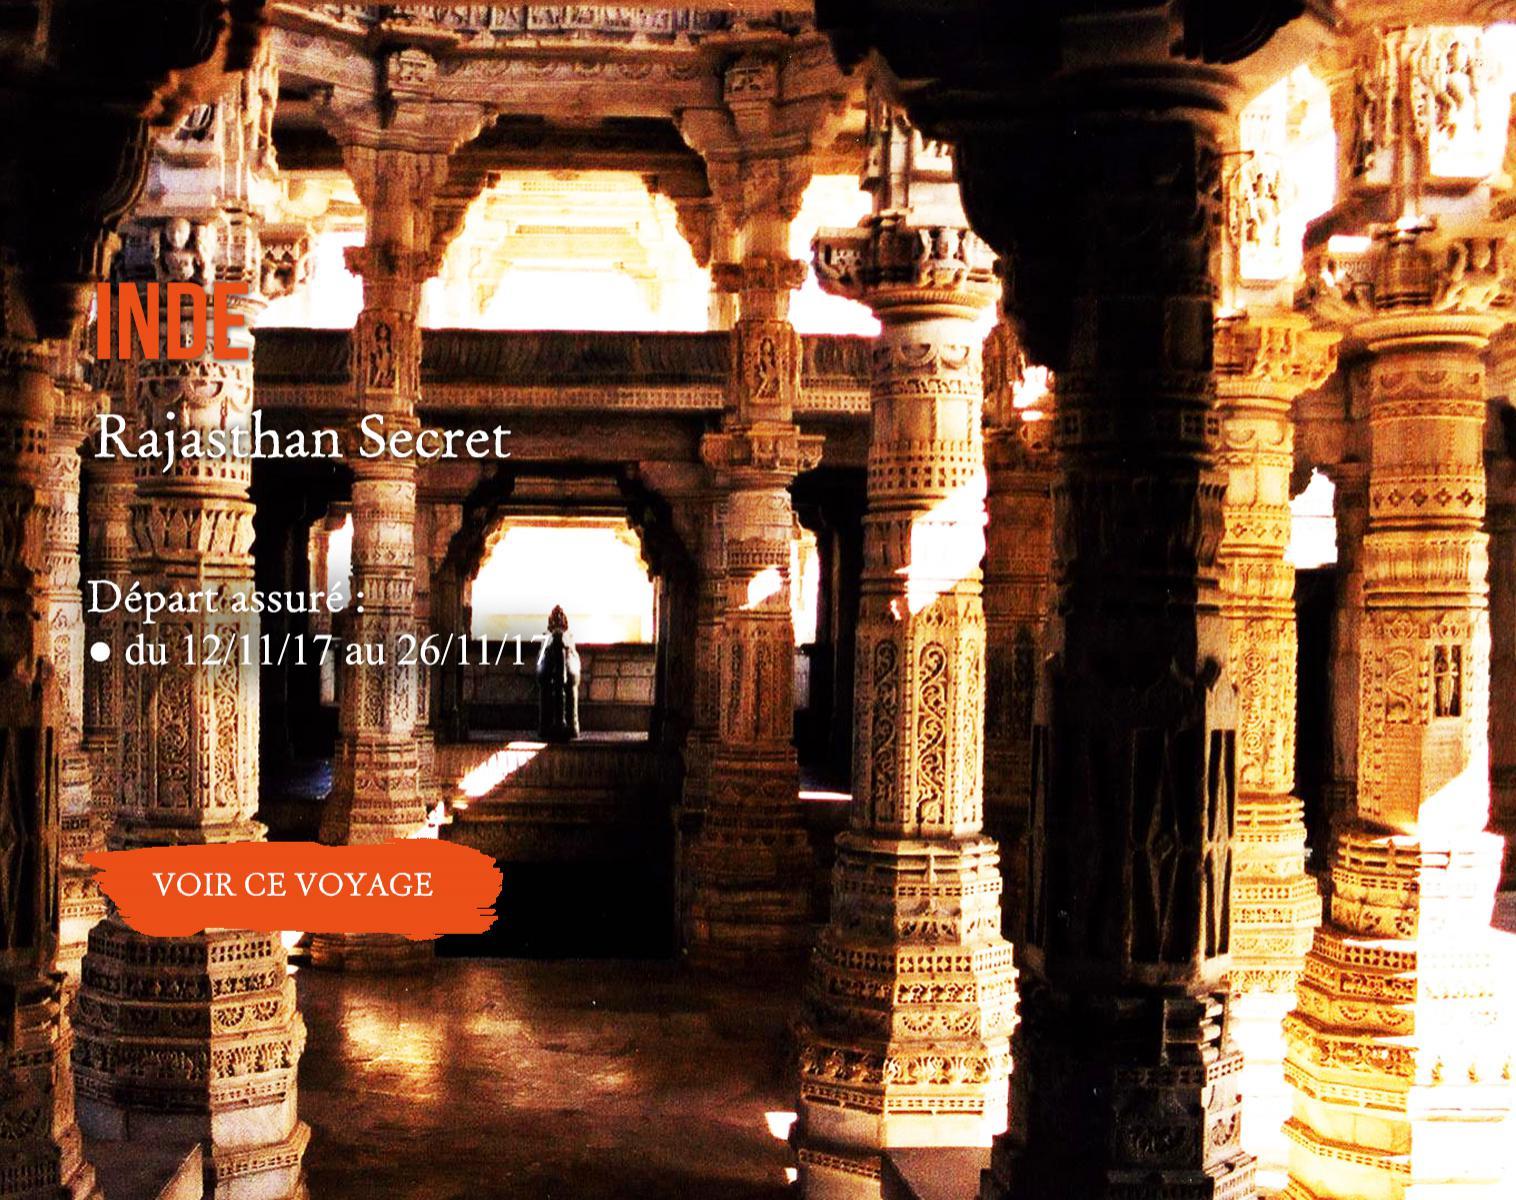 Inde, Rajasthan secret